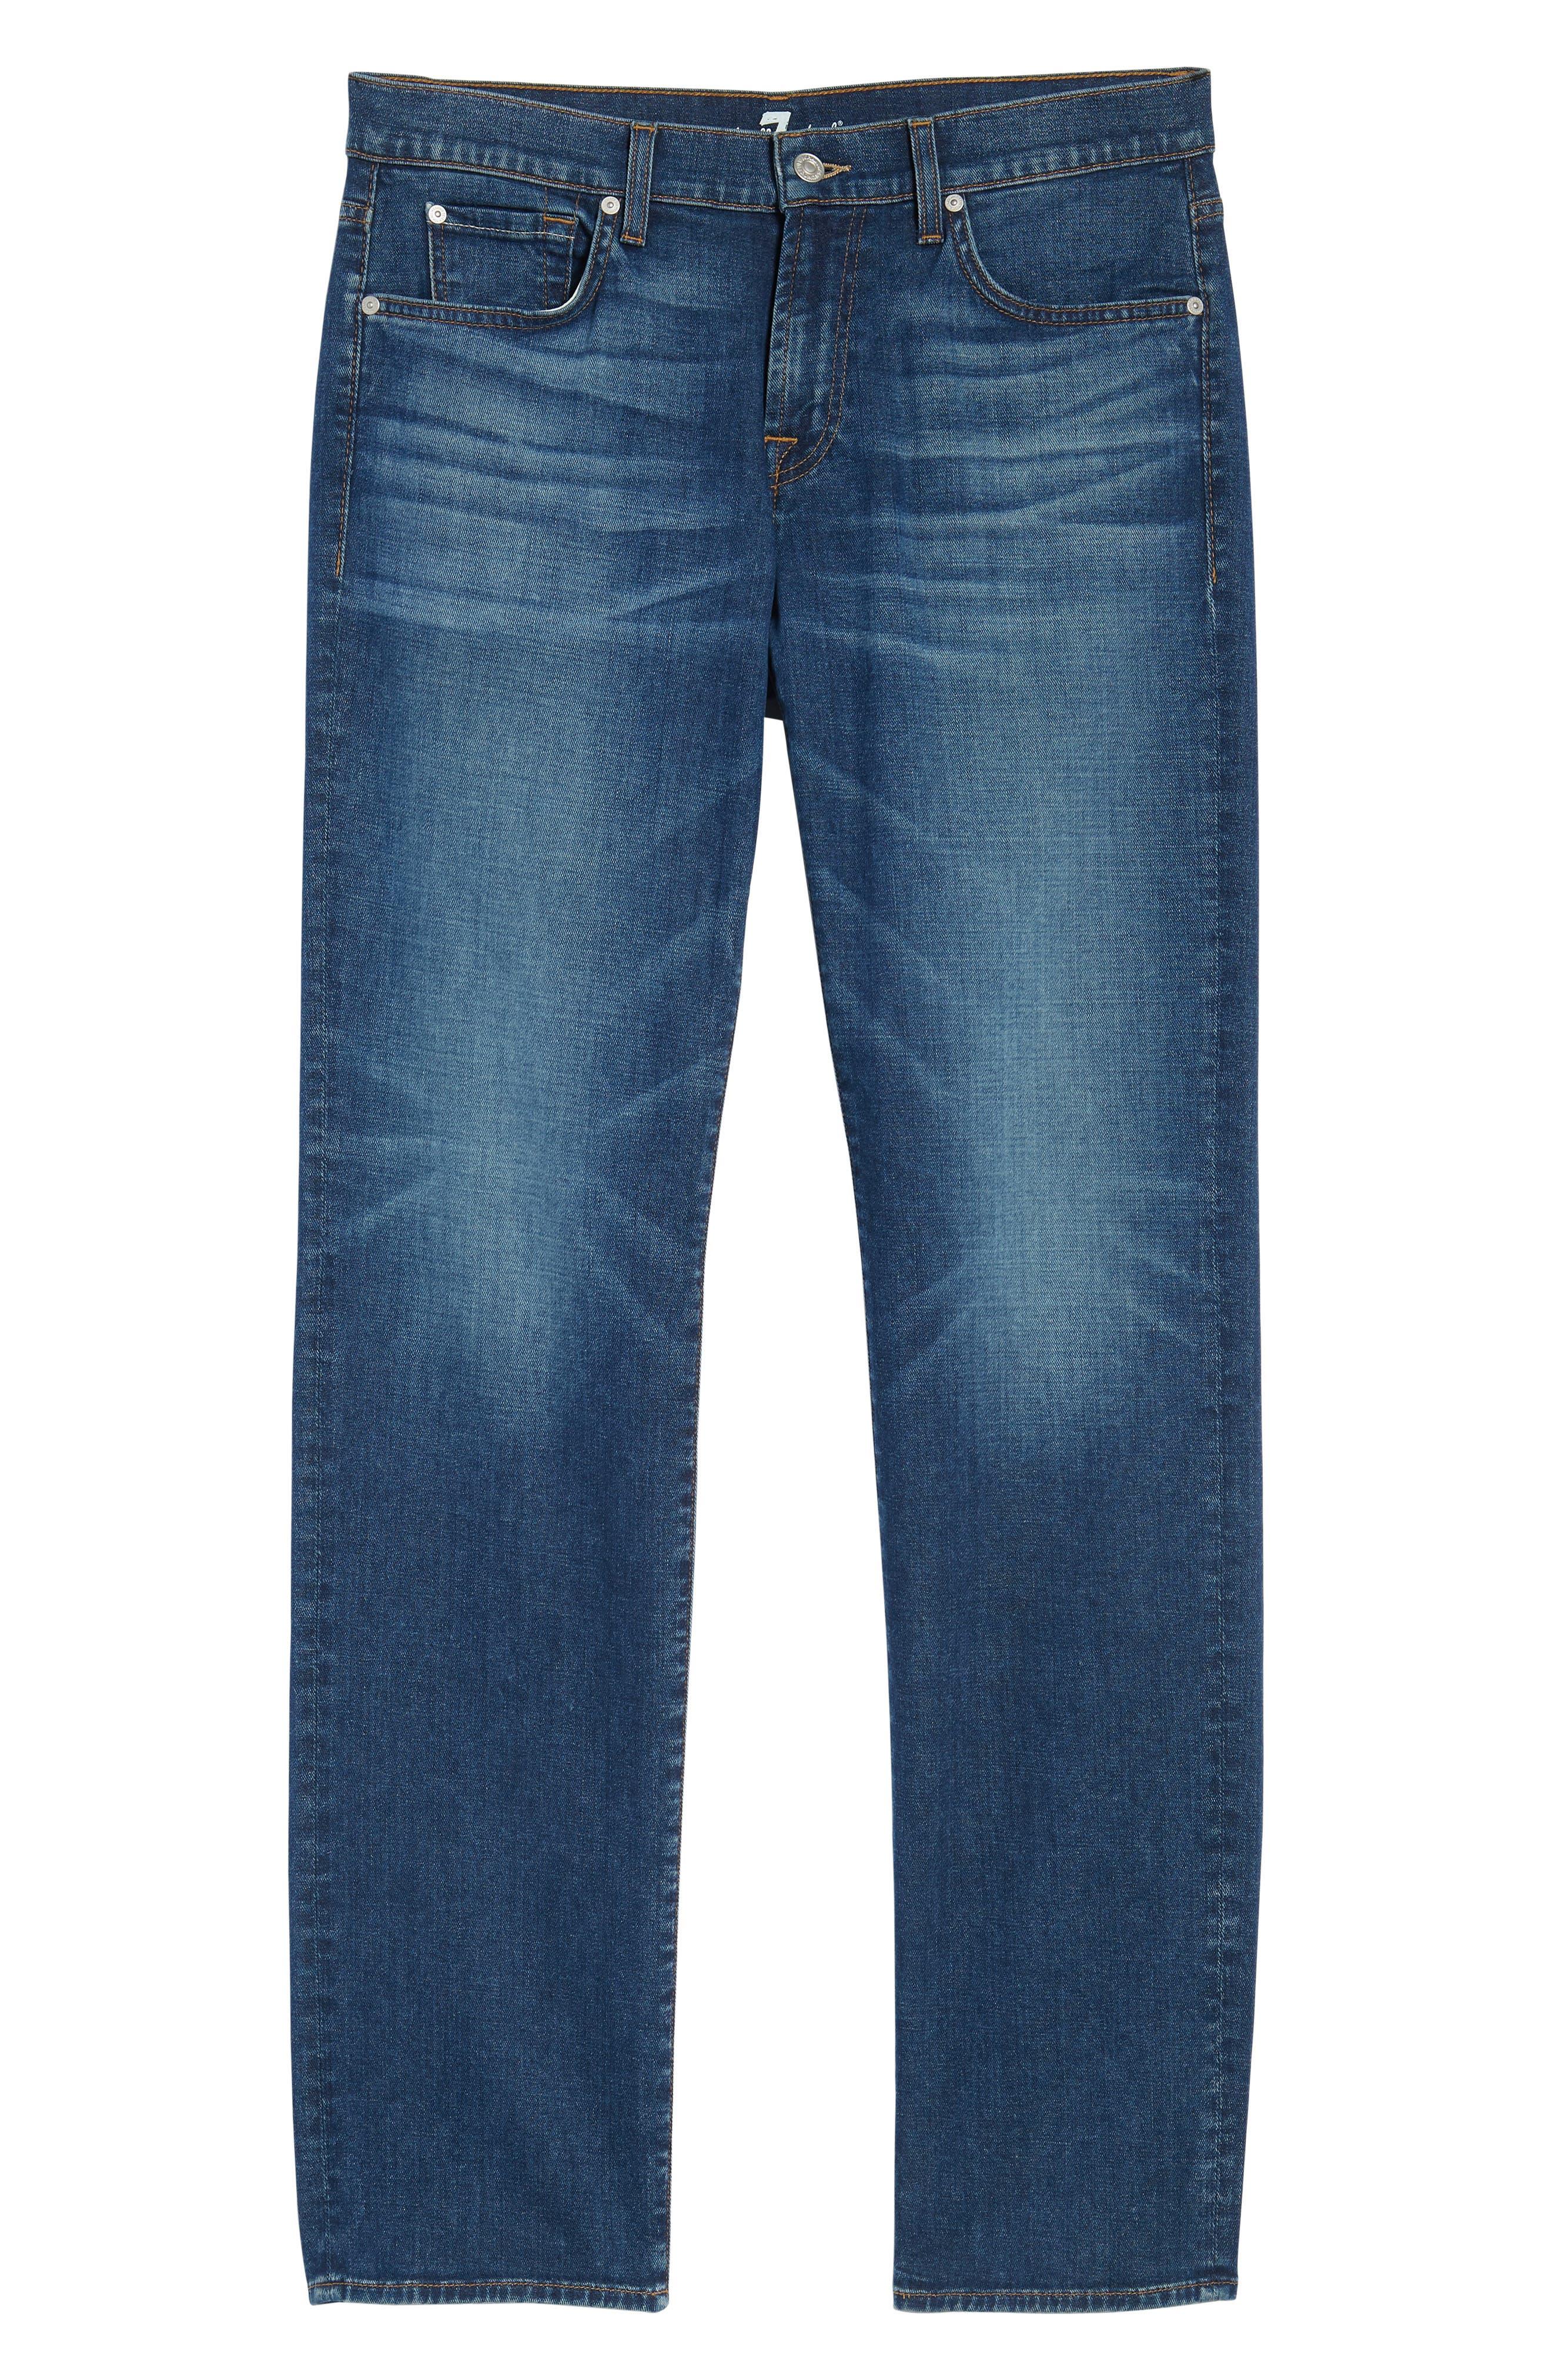 Standard Straight Leg Jeans,                             Alternate thumbnail 6, color,                             400